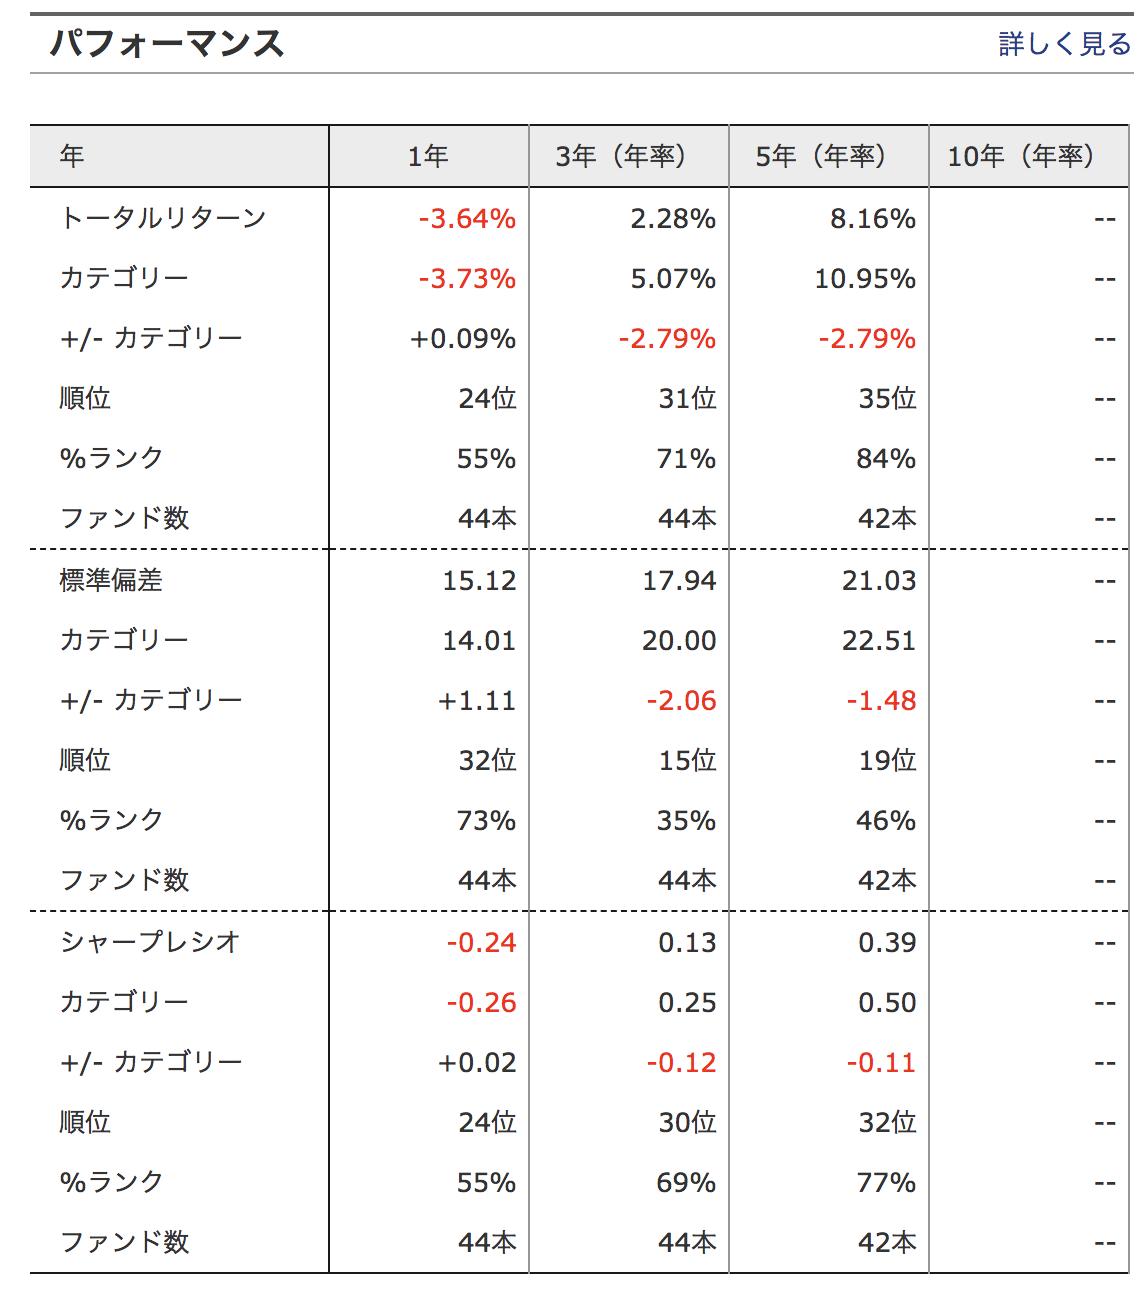 中華圏株式ファンドトータルリターン